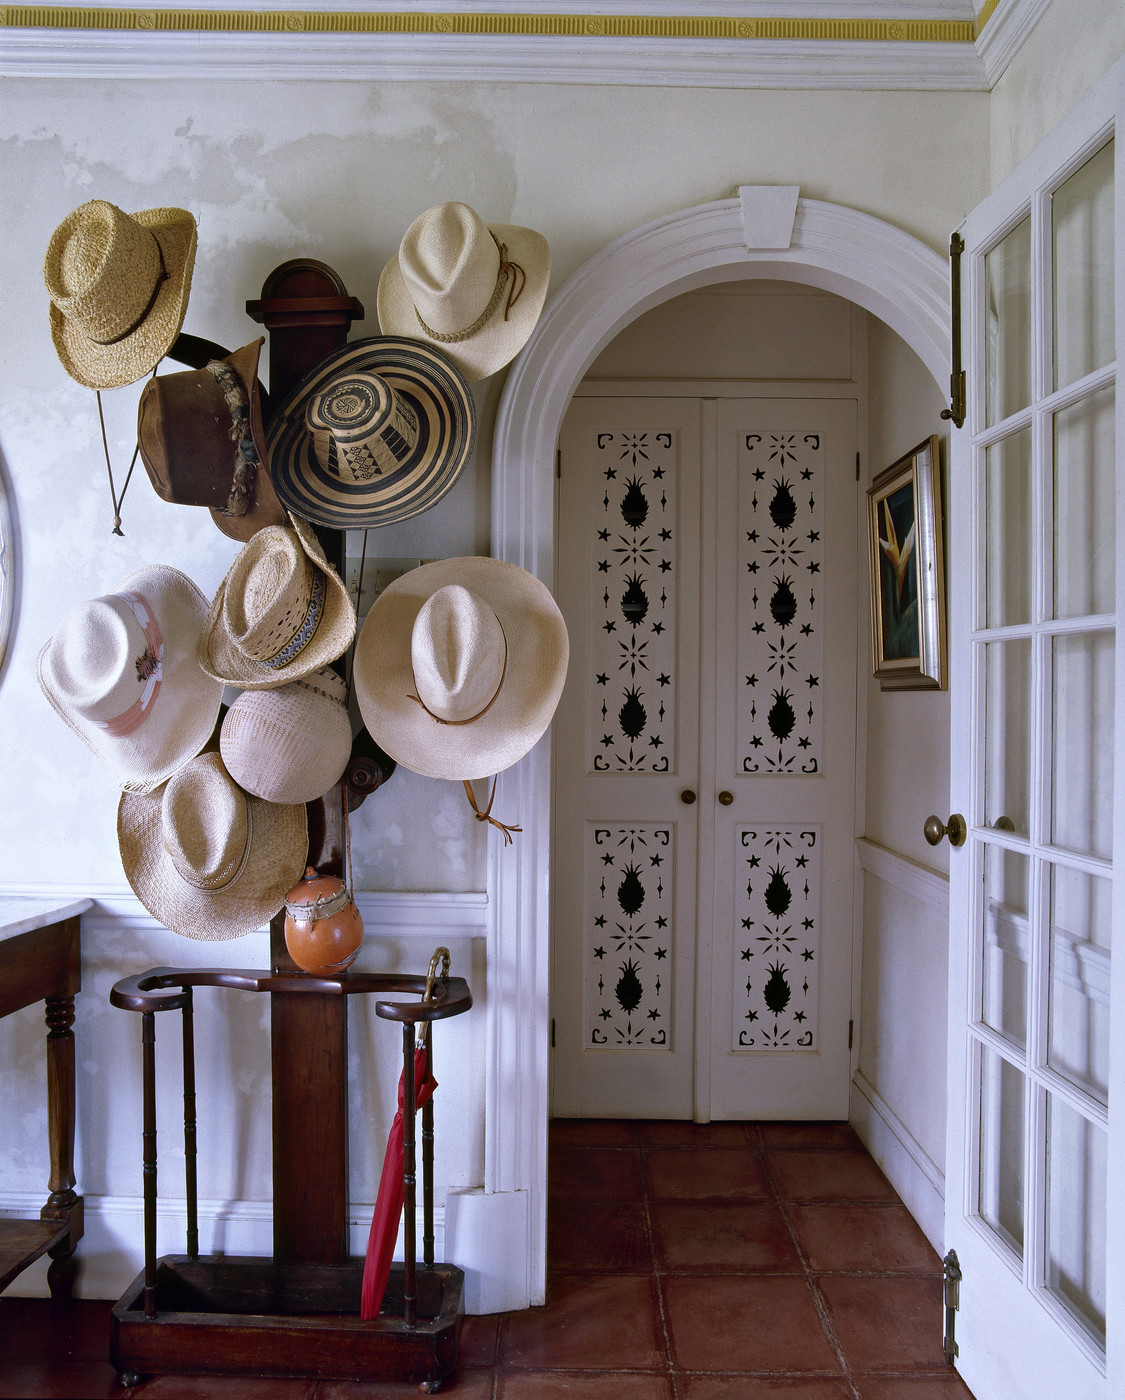 зонтница со шляпами в коридоре